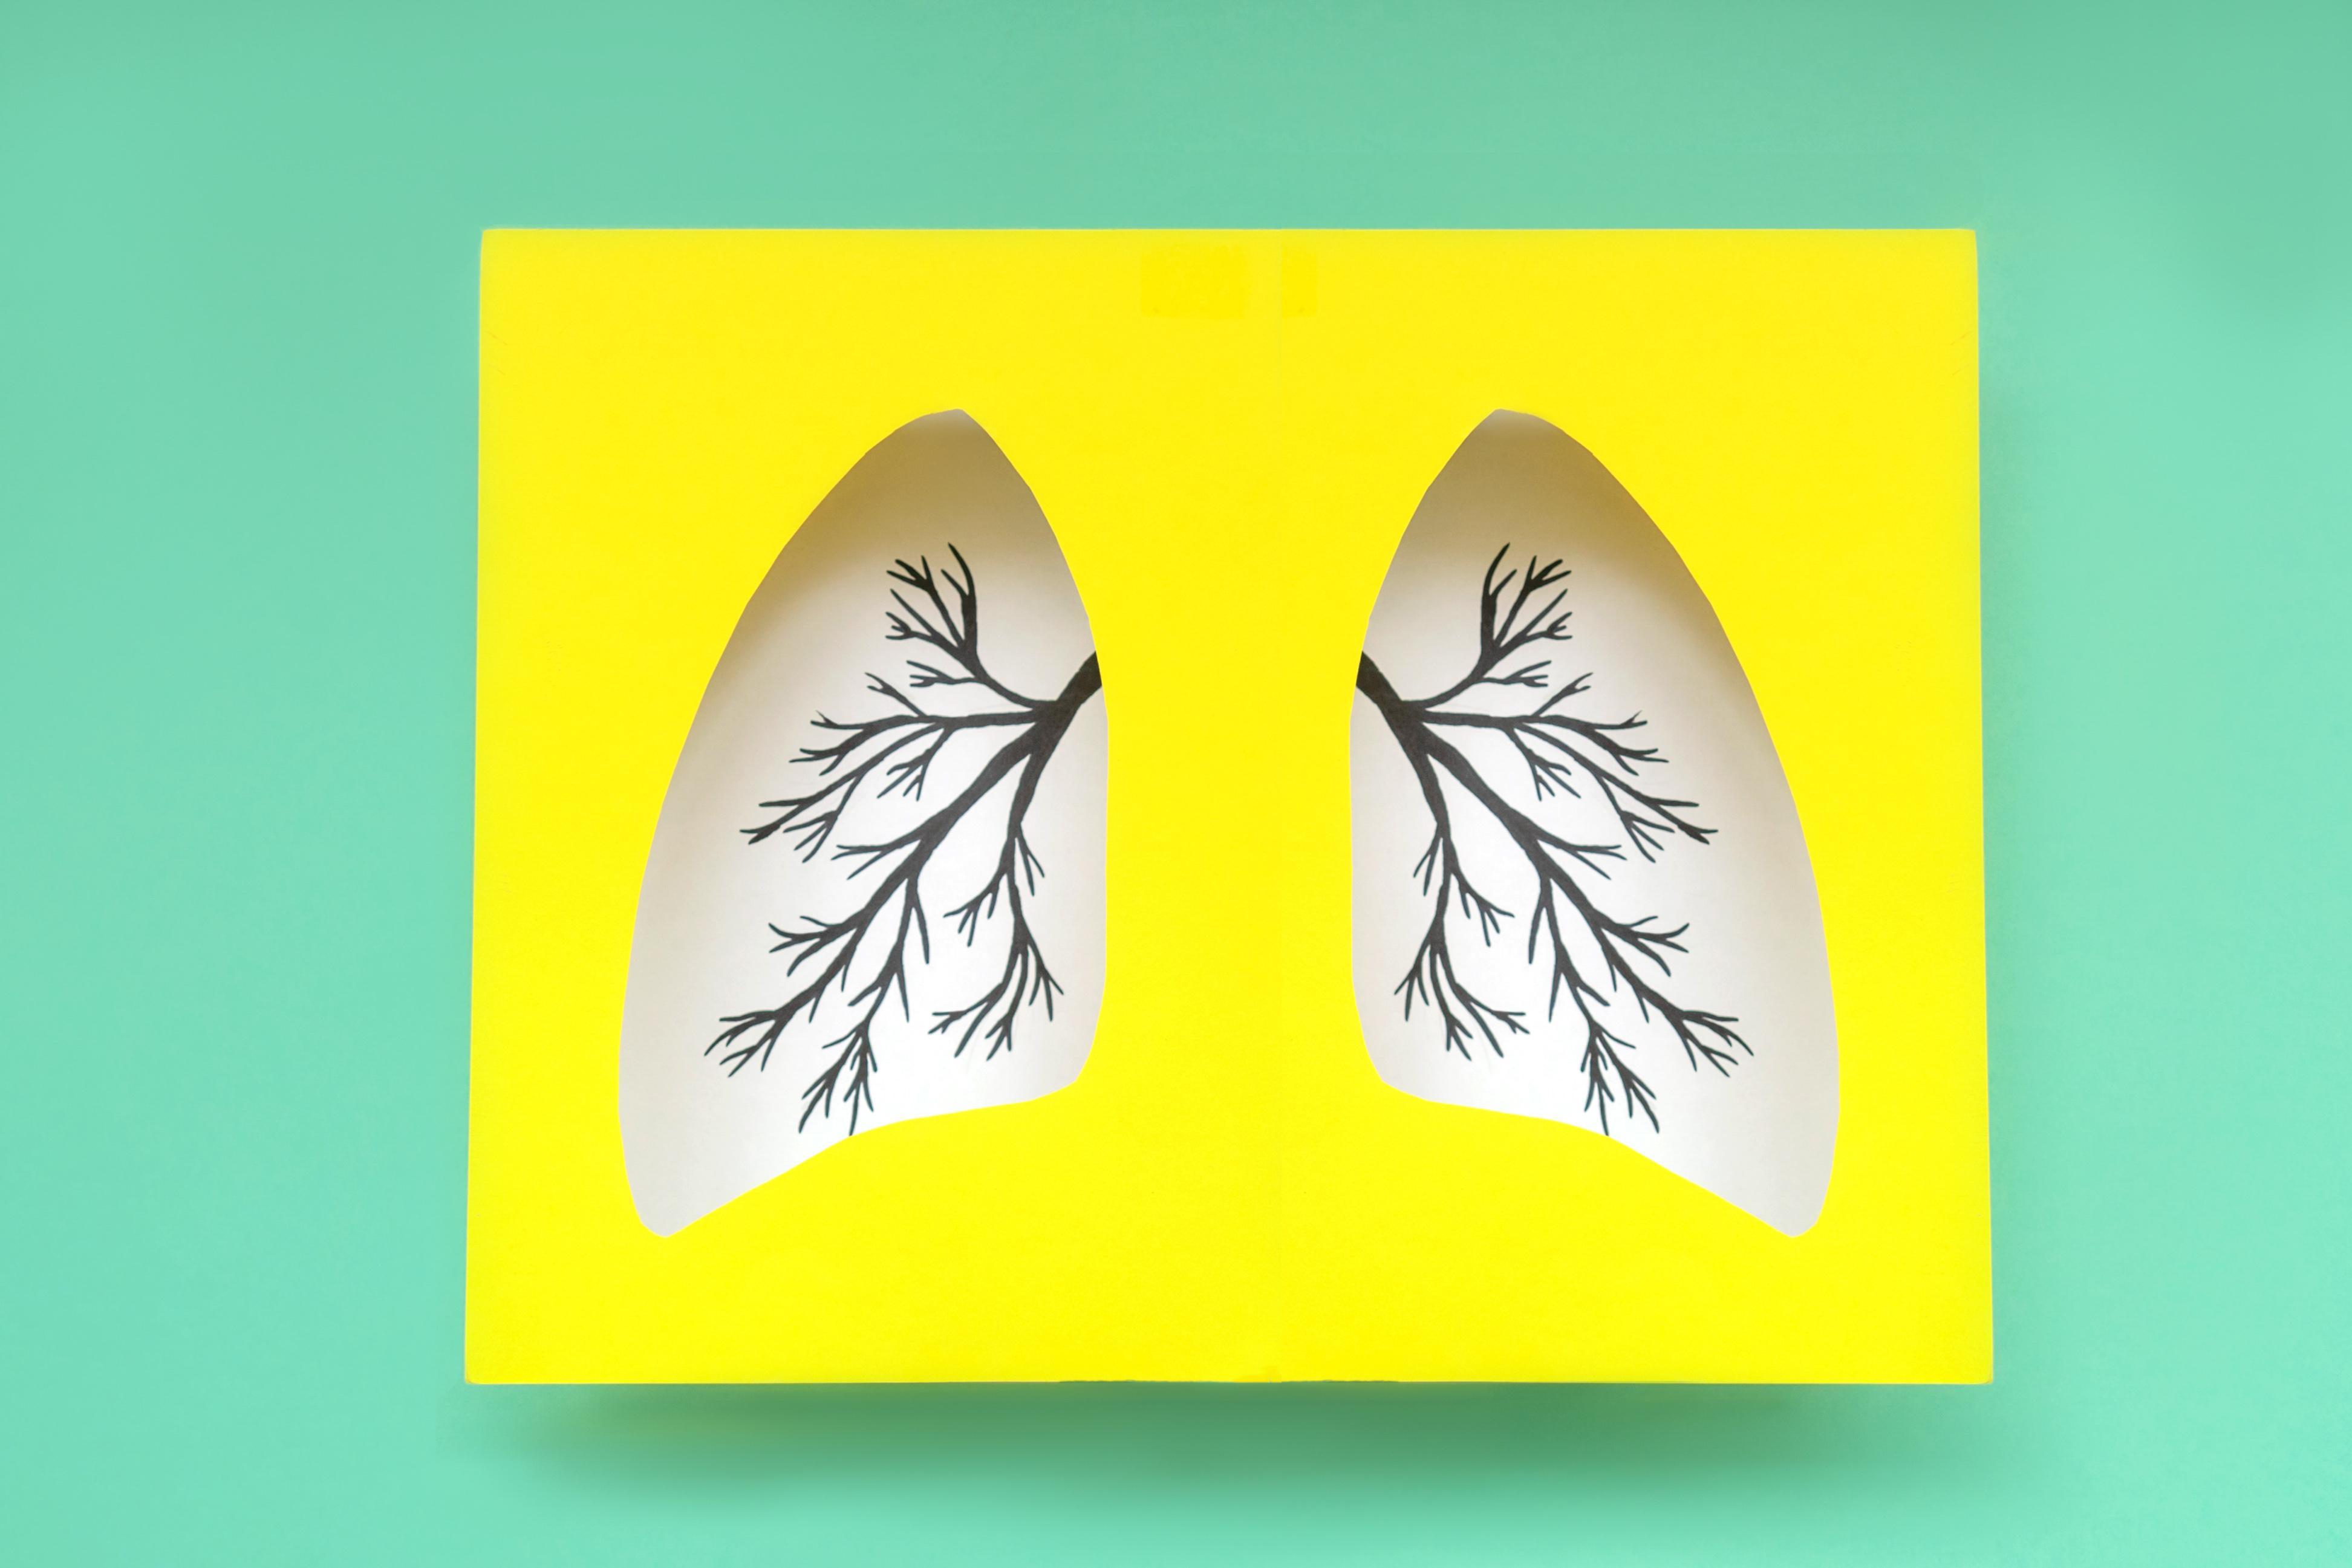 восстановление легких с помощью дыхательной гимнастики Стрельниковой